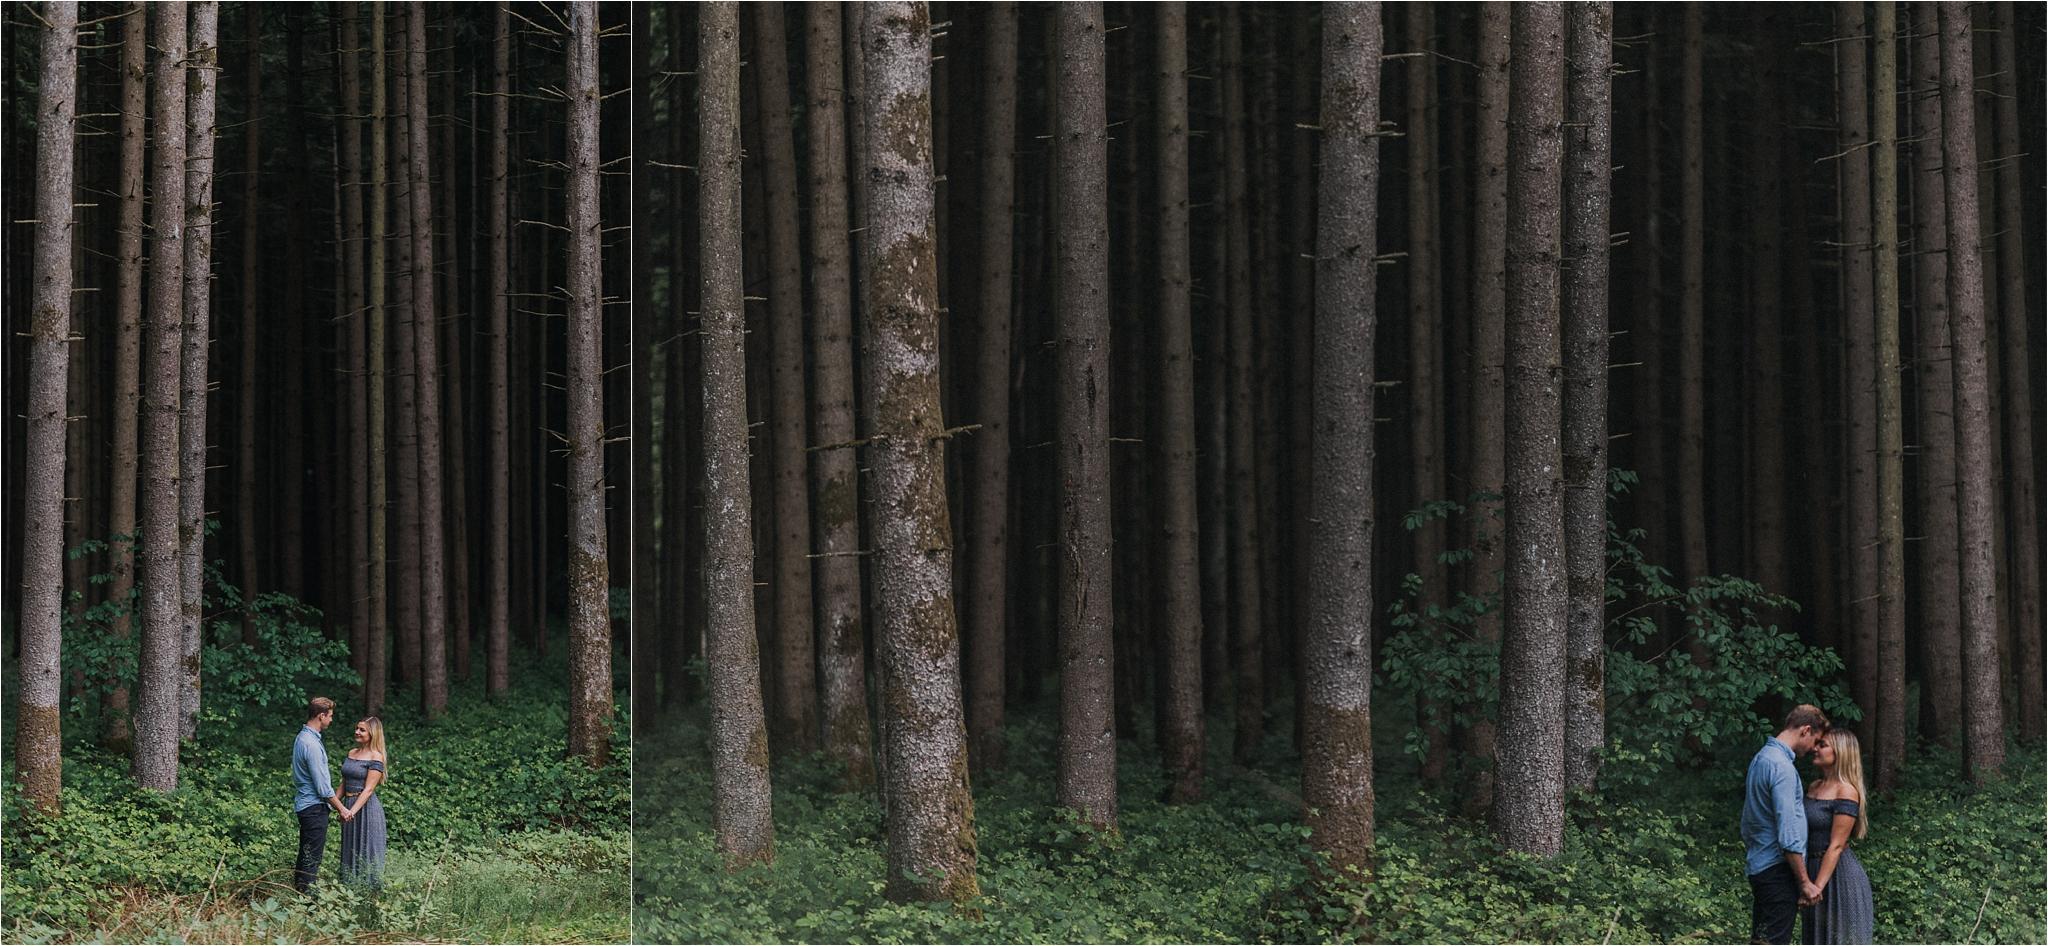 the beautiful woods around Chiemsee